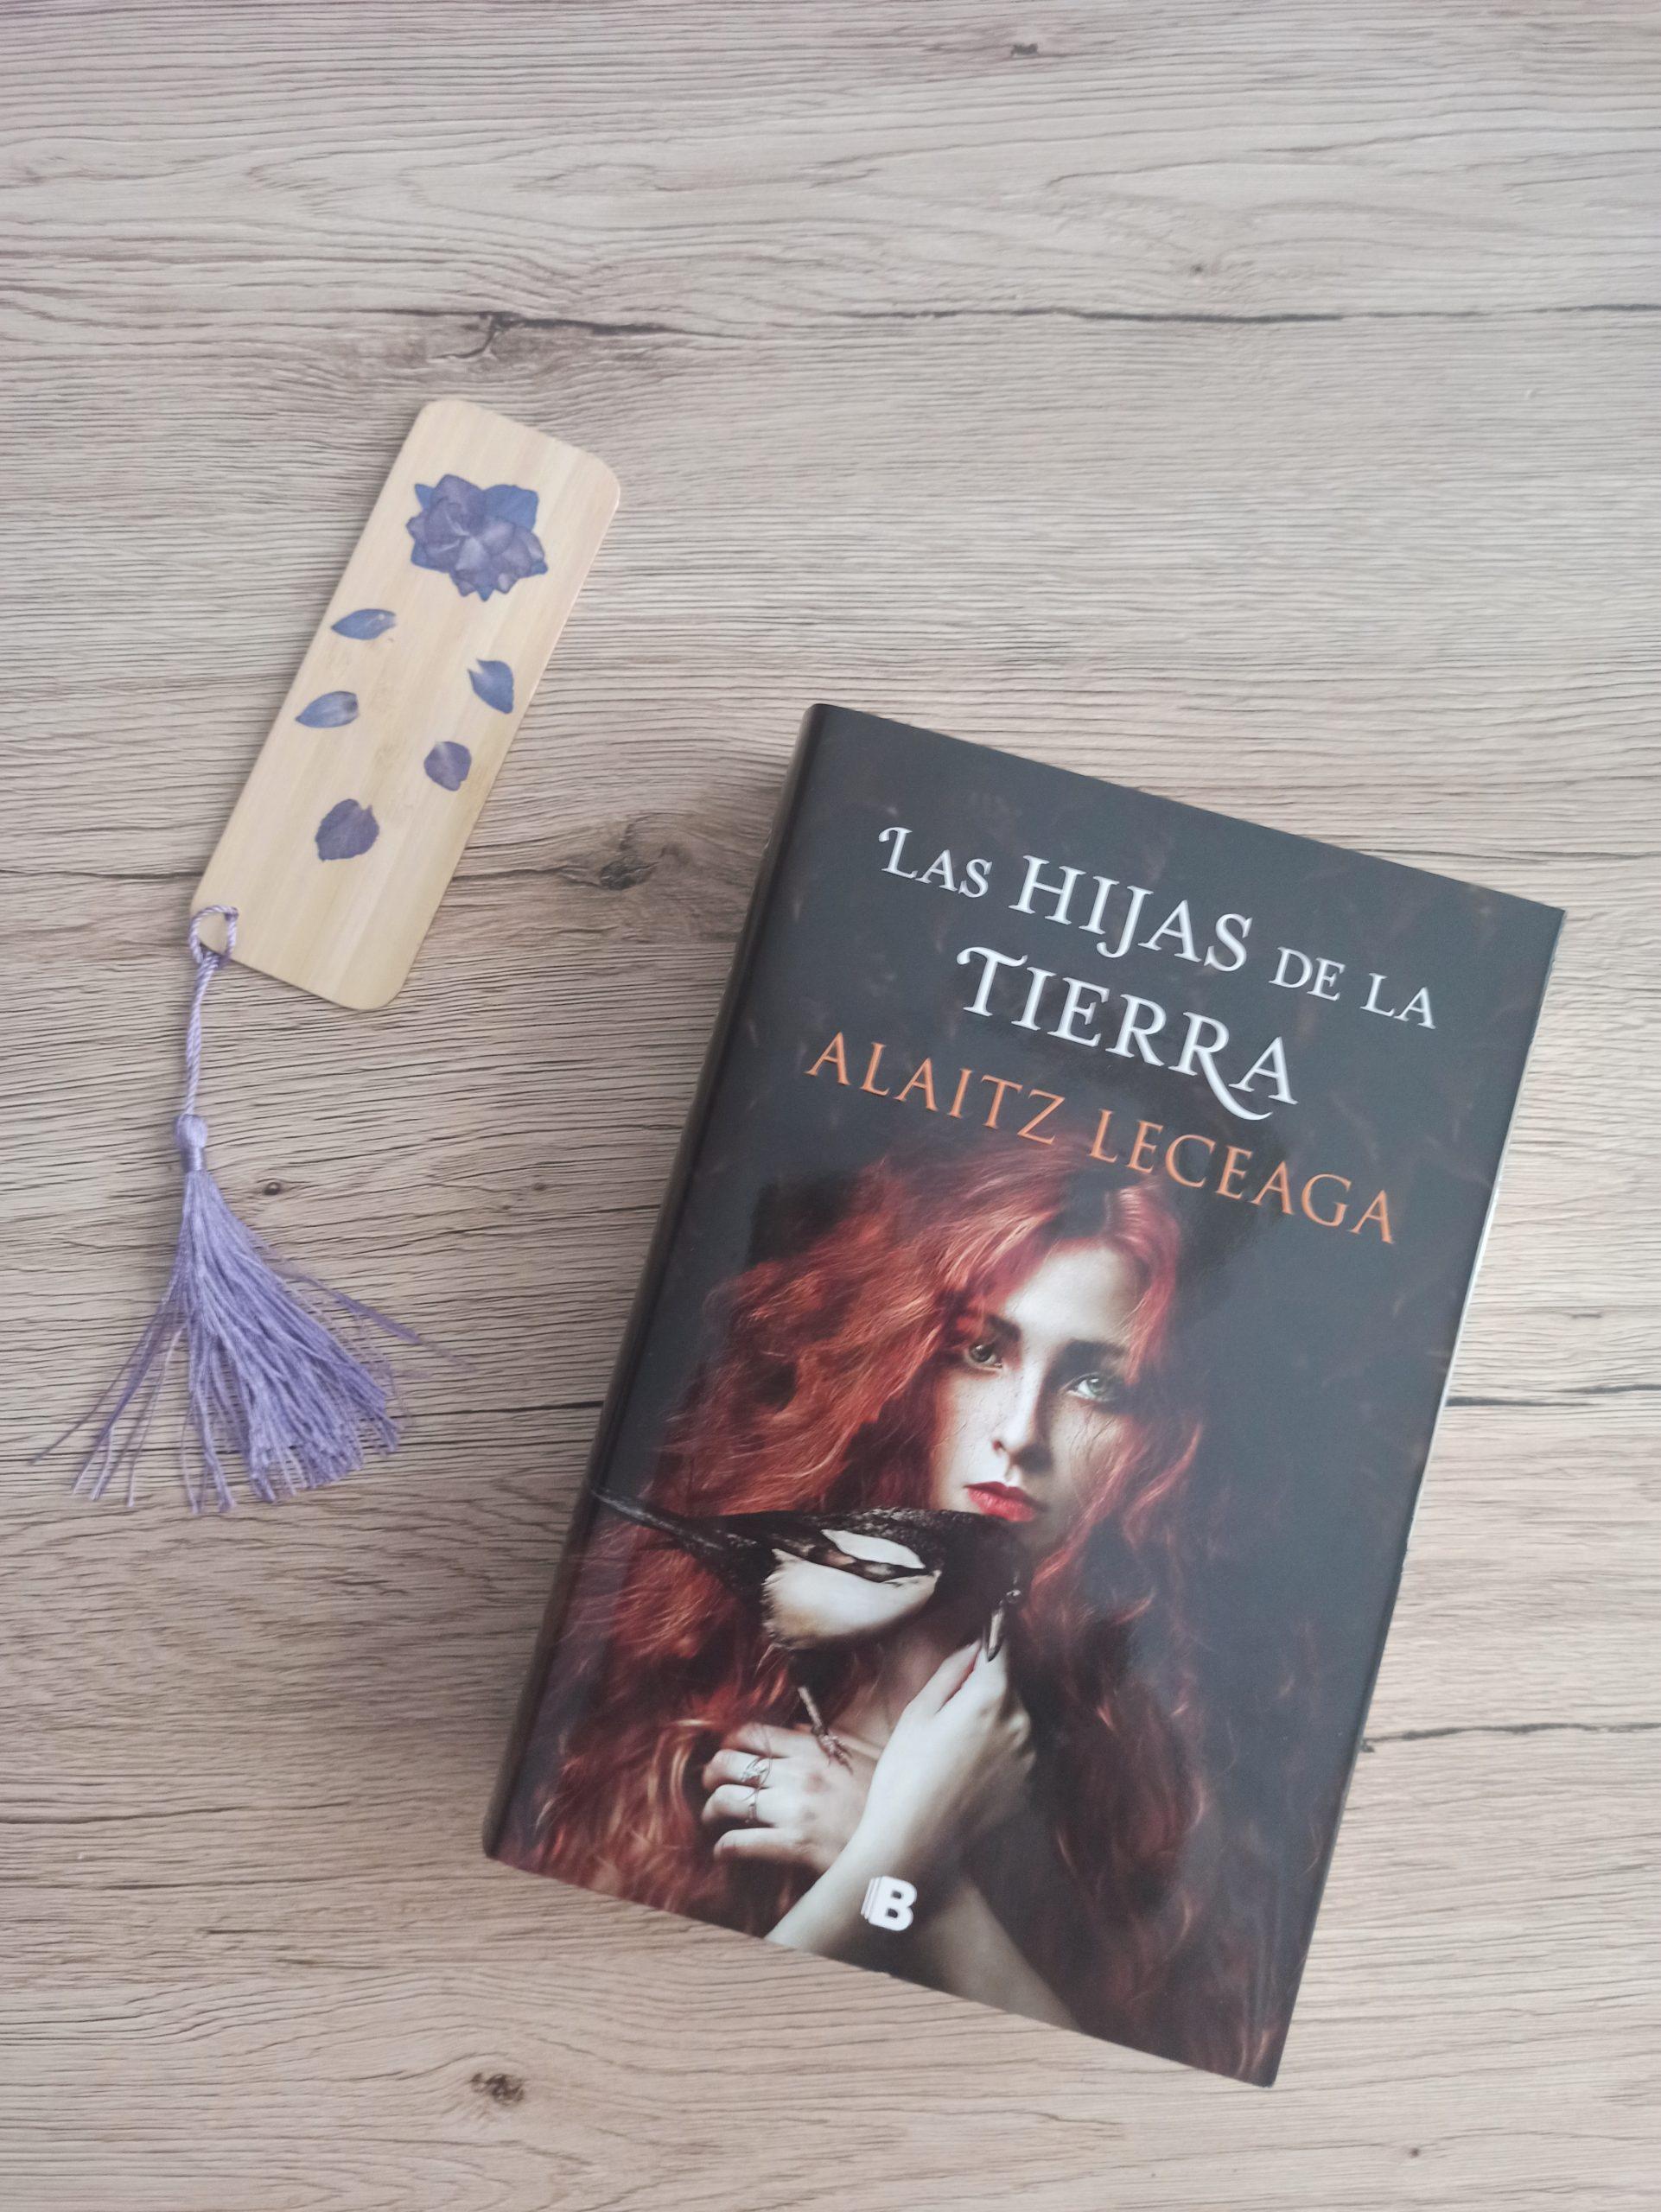 LAS HIJAS DE LA TIERRA, de Alaitz Leceaga.